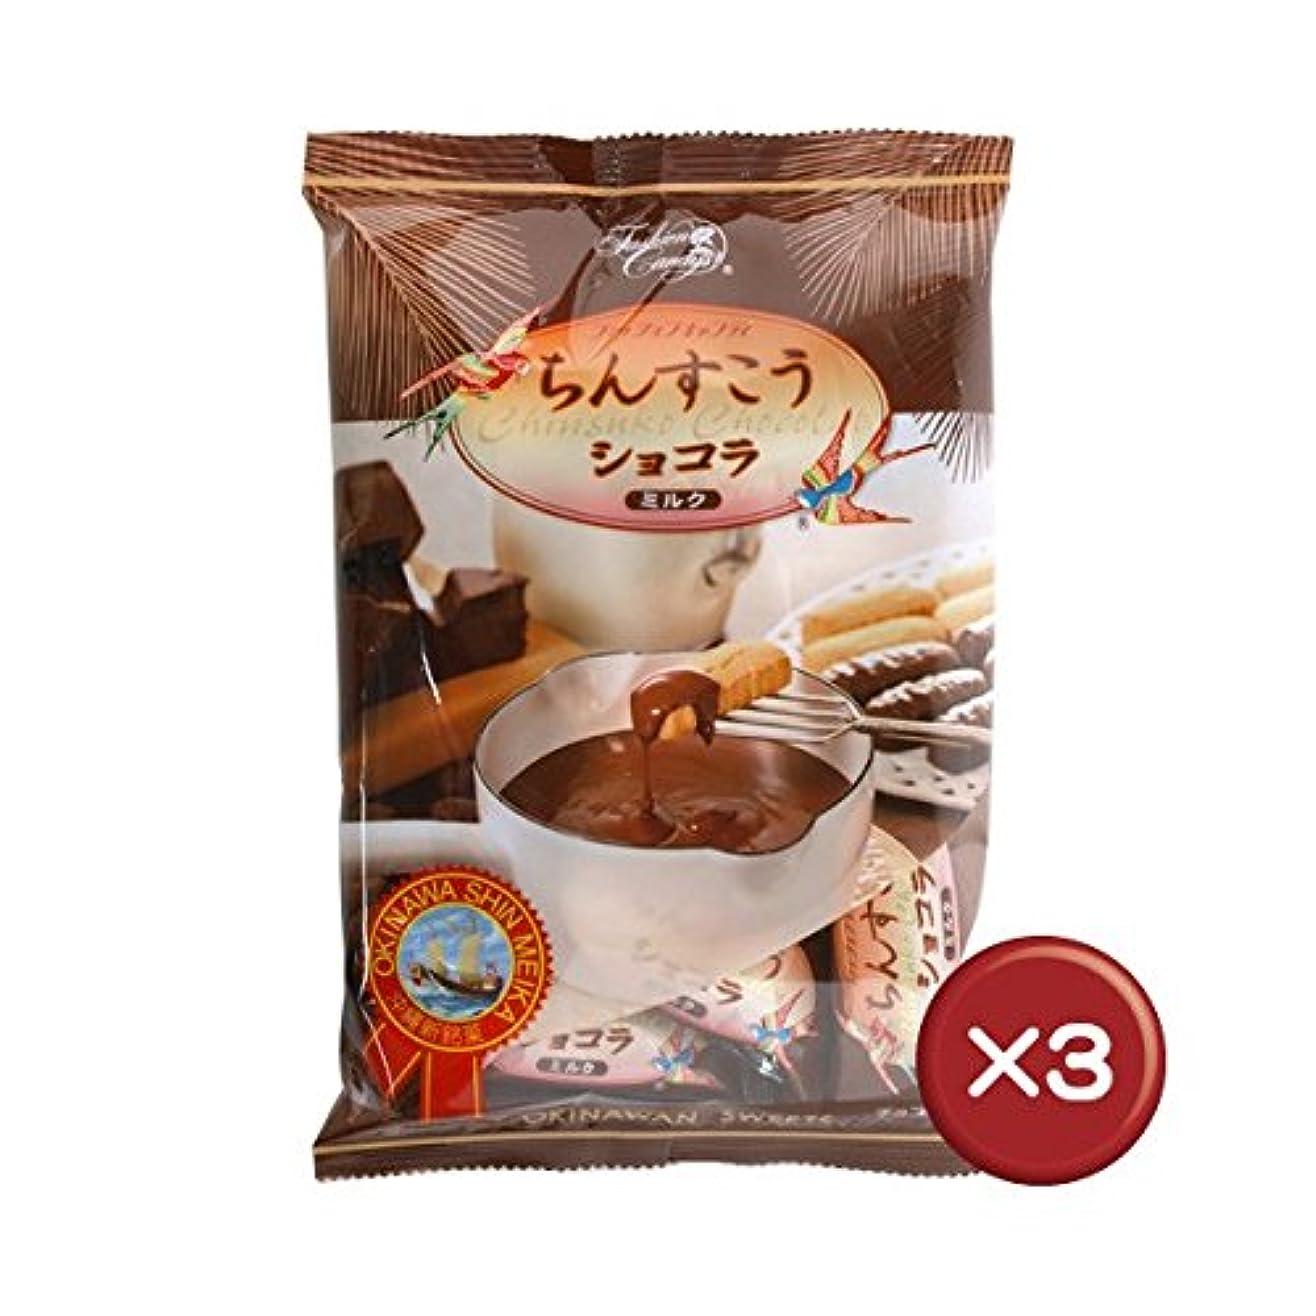 引き付ける可動ブラウズファッションキャンディ ちんすこうショコラ ミルク 3袋セット